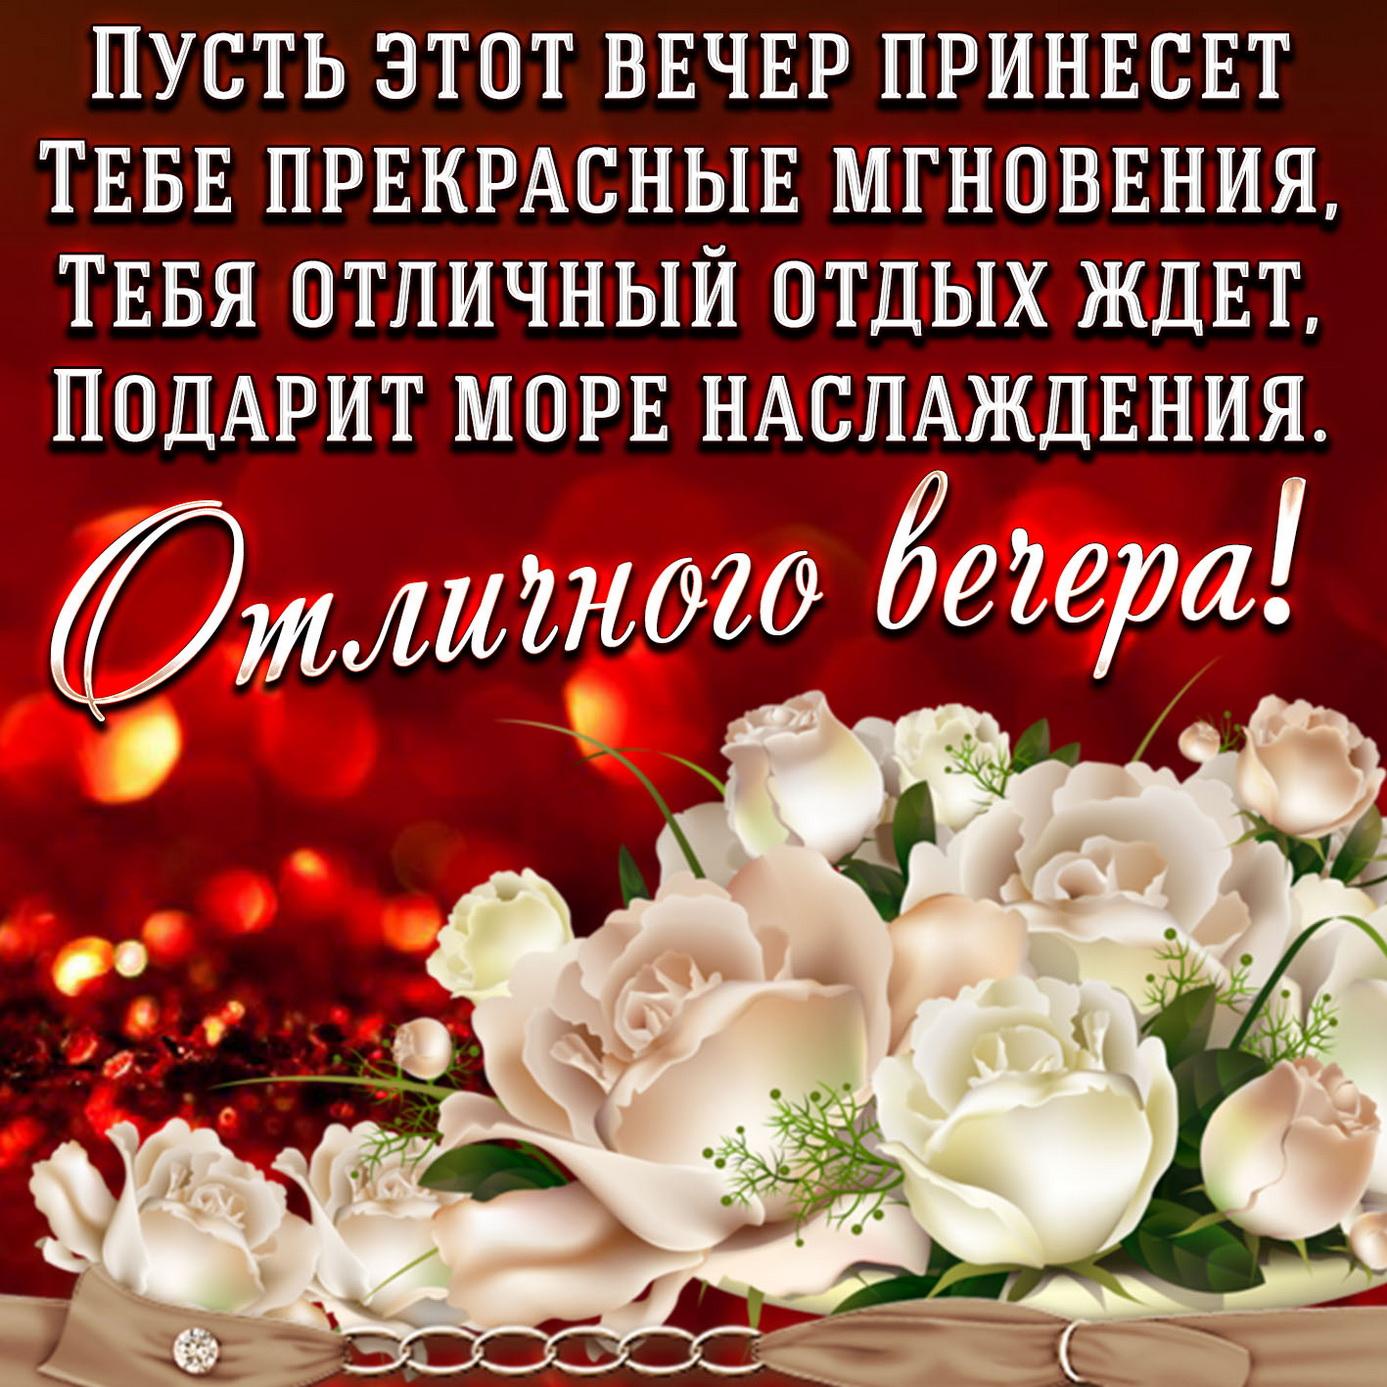 Пожелание отличного вечера на открытке с розами